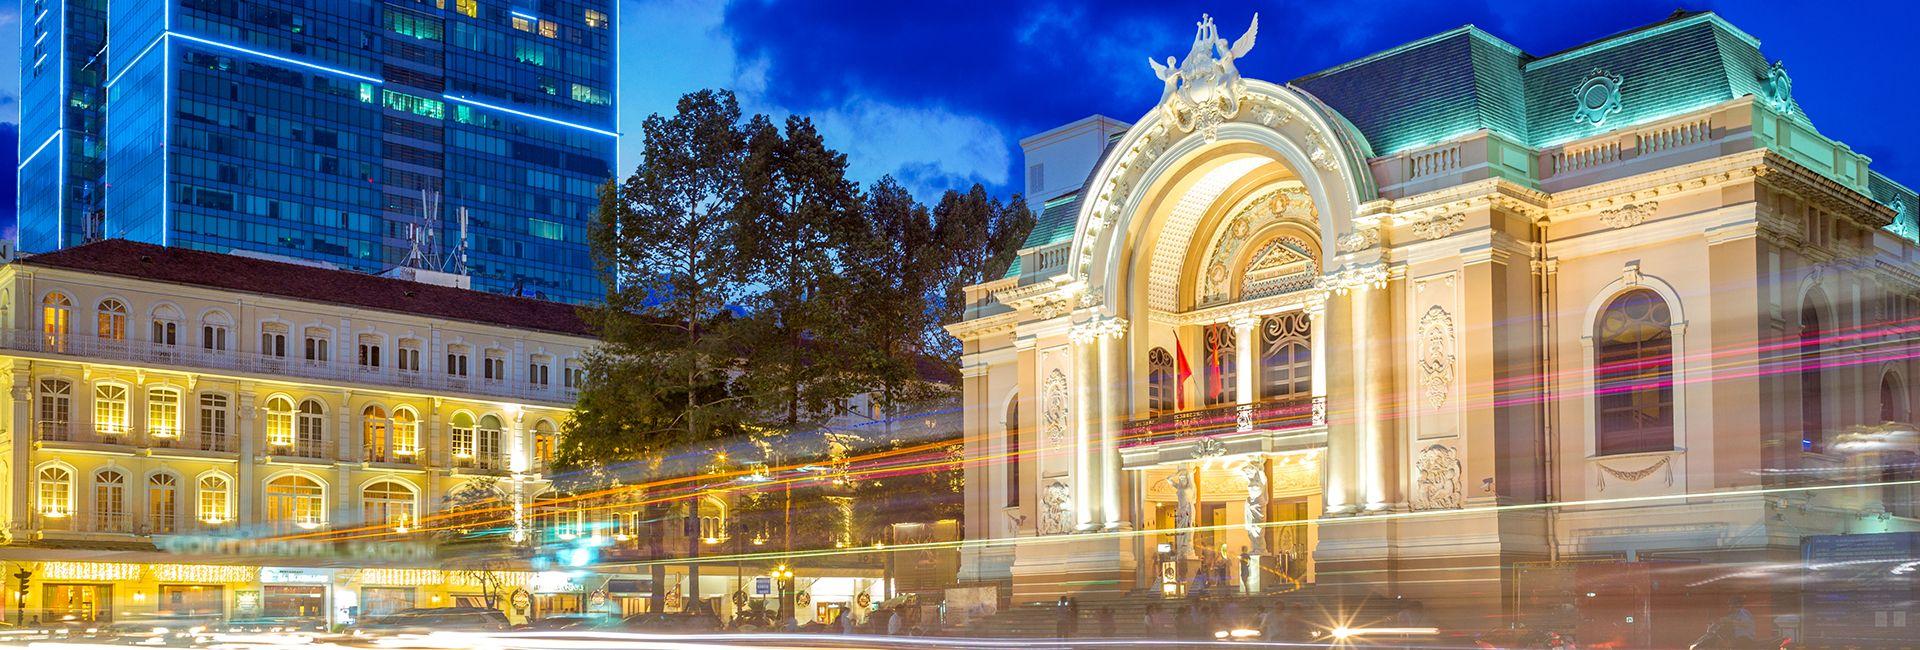 Hướng dẫn tham quan Nhà hát Thành phố Hồ Chí Minh